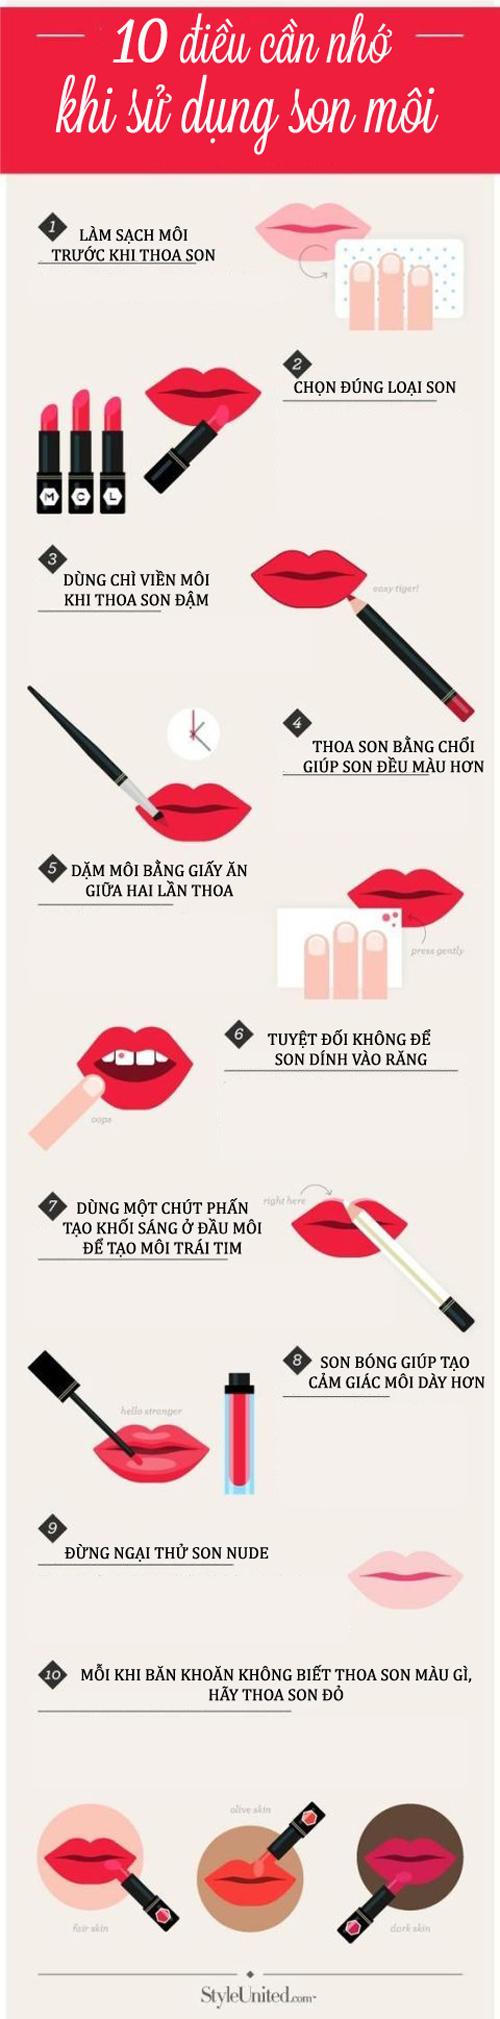 10 điều cần nhớ khi sử dụng son môi